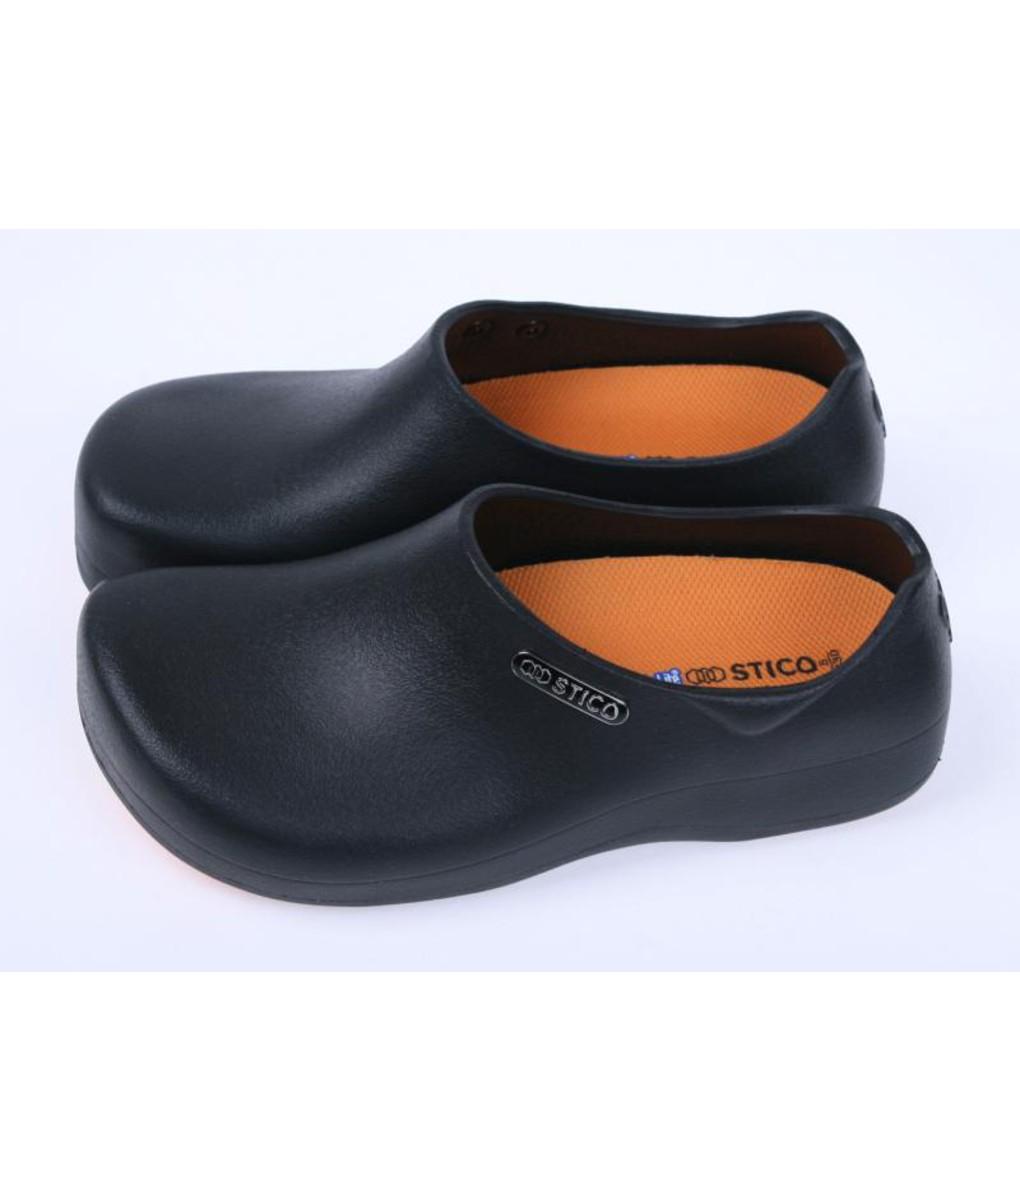 Chef Shoes Stico Clogs Kitchen Slip Resistant Shoes